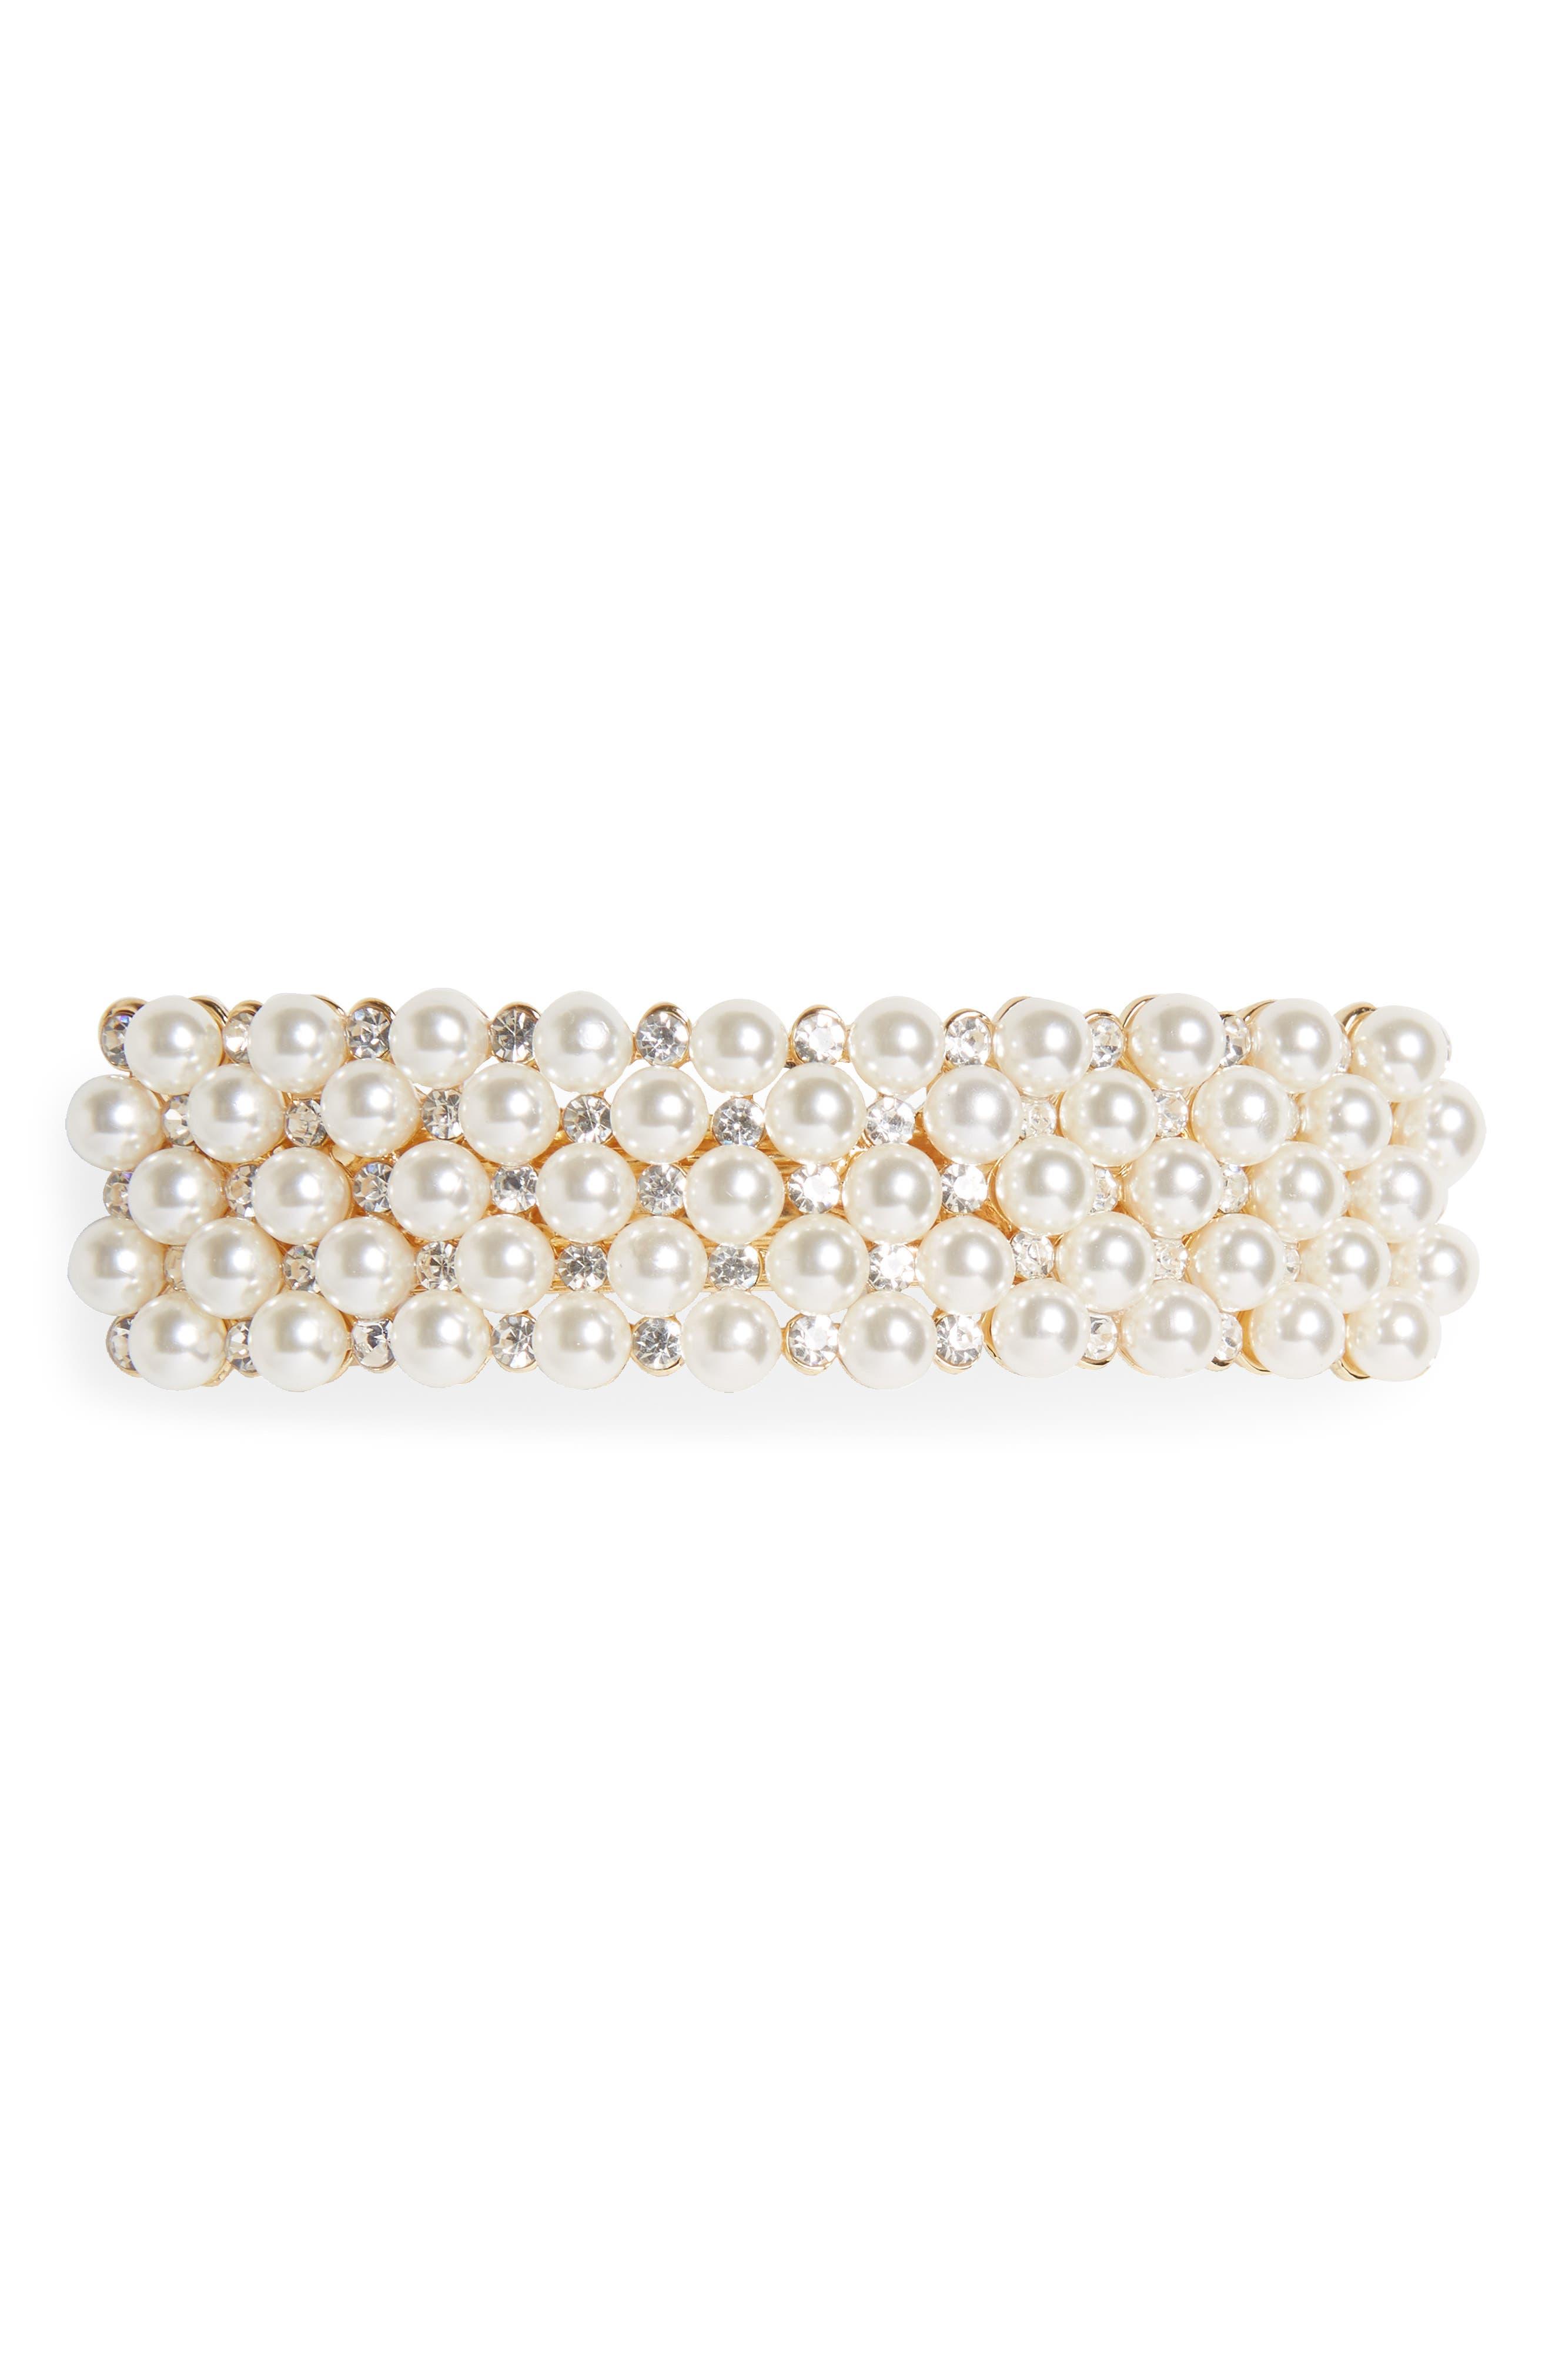 Crystal & Imitation Pearl Embellished Barrette, Main, color, 710